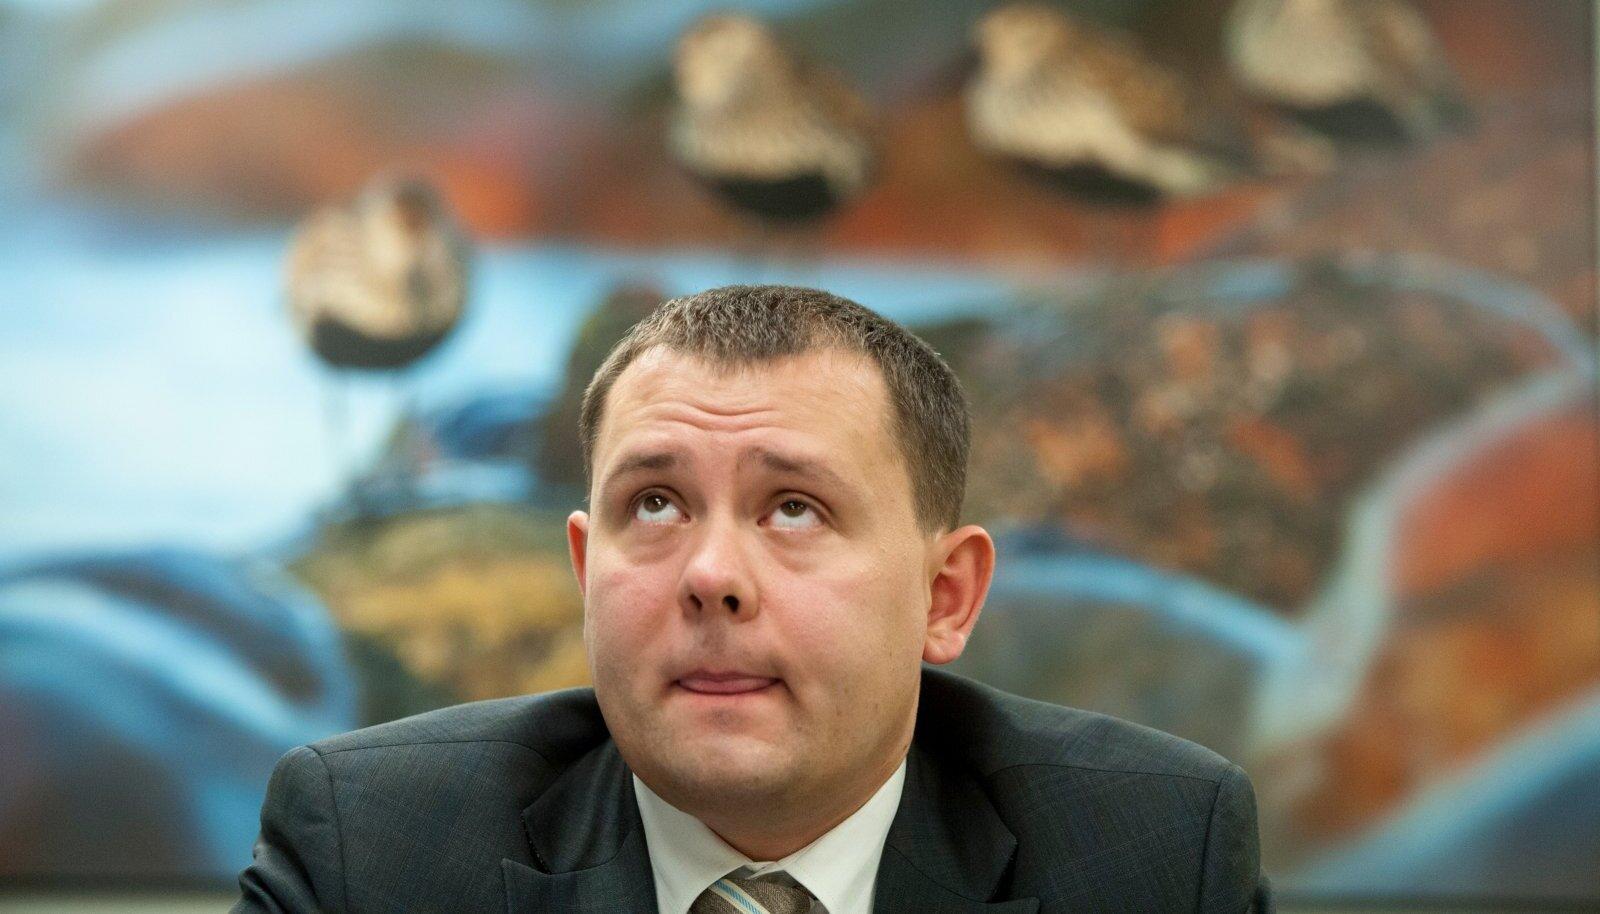 KARISTUSEKS NOOMITUS! Advokaat Margus Lentsius vaidles poolteist aastat kohtutes, aga advokatuuri aukohtu poolt talle määratud karistus jäi jõusse.